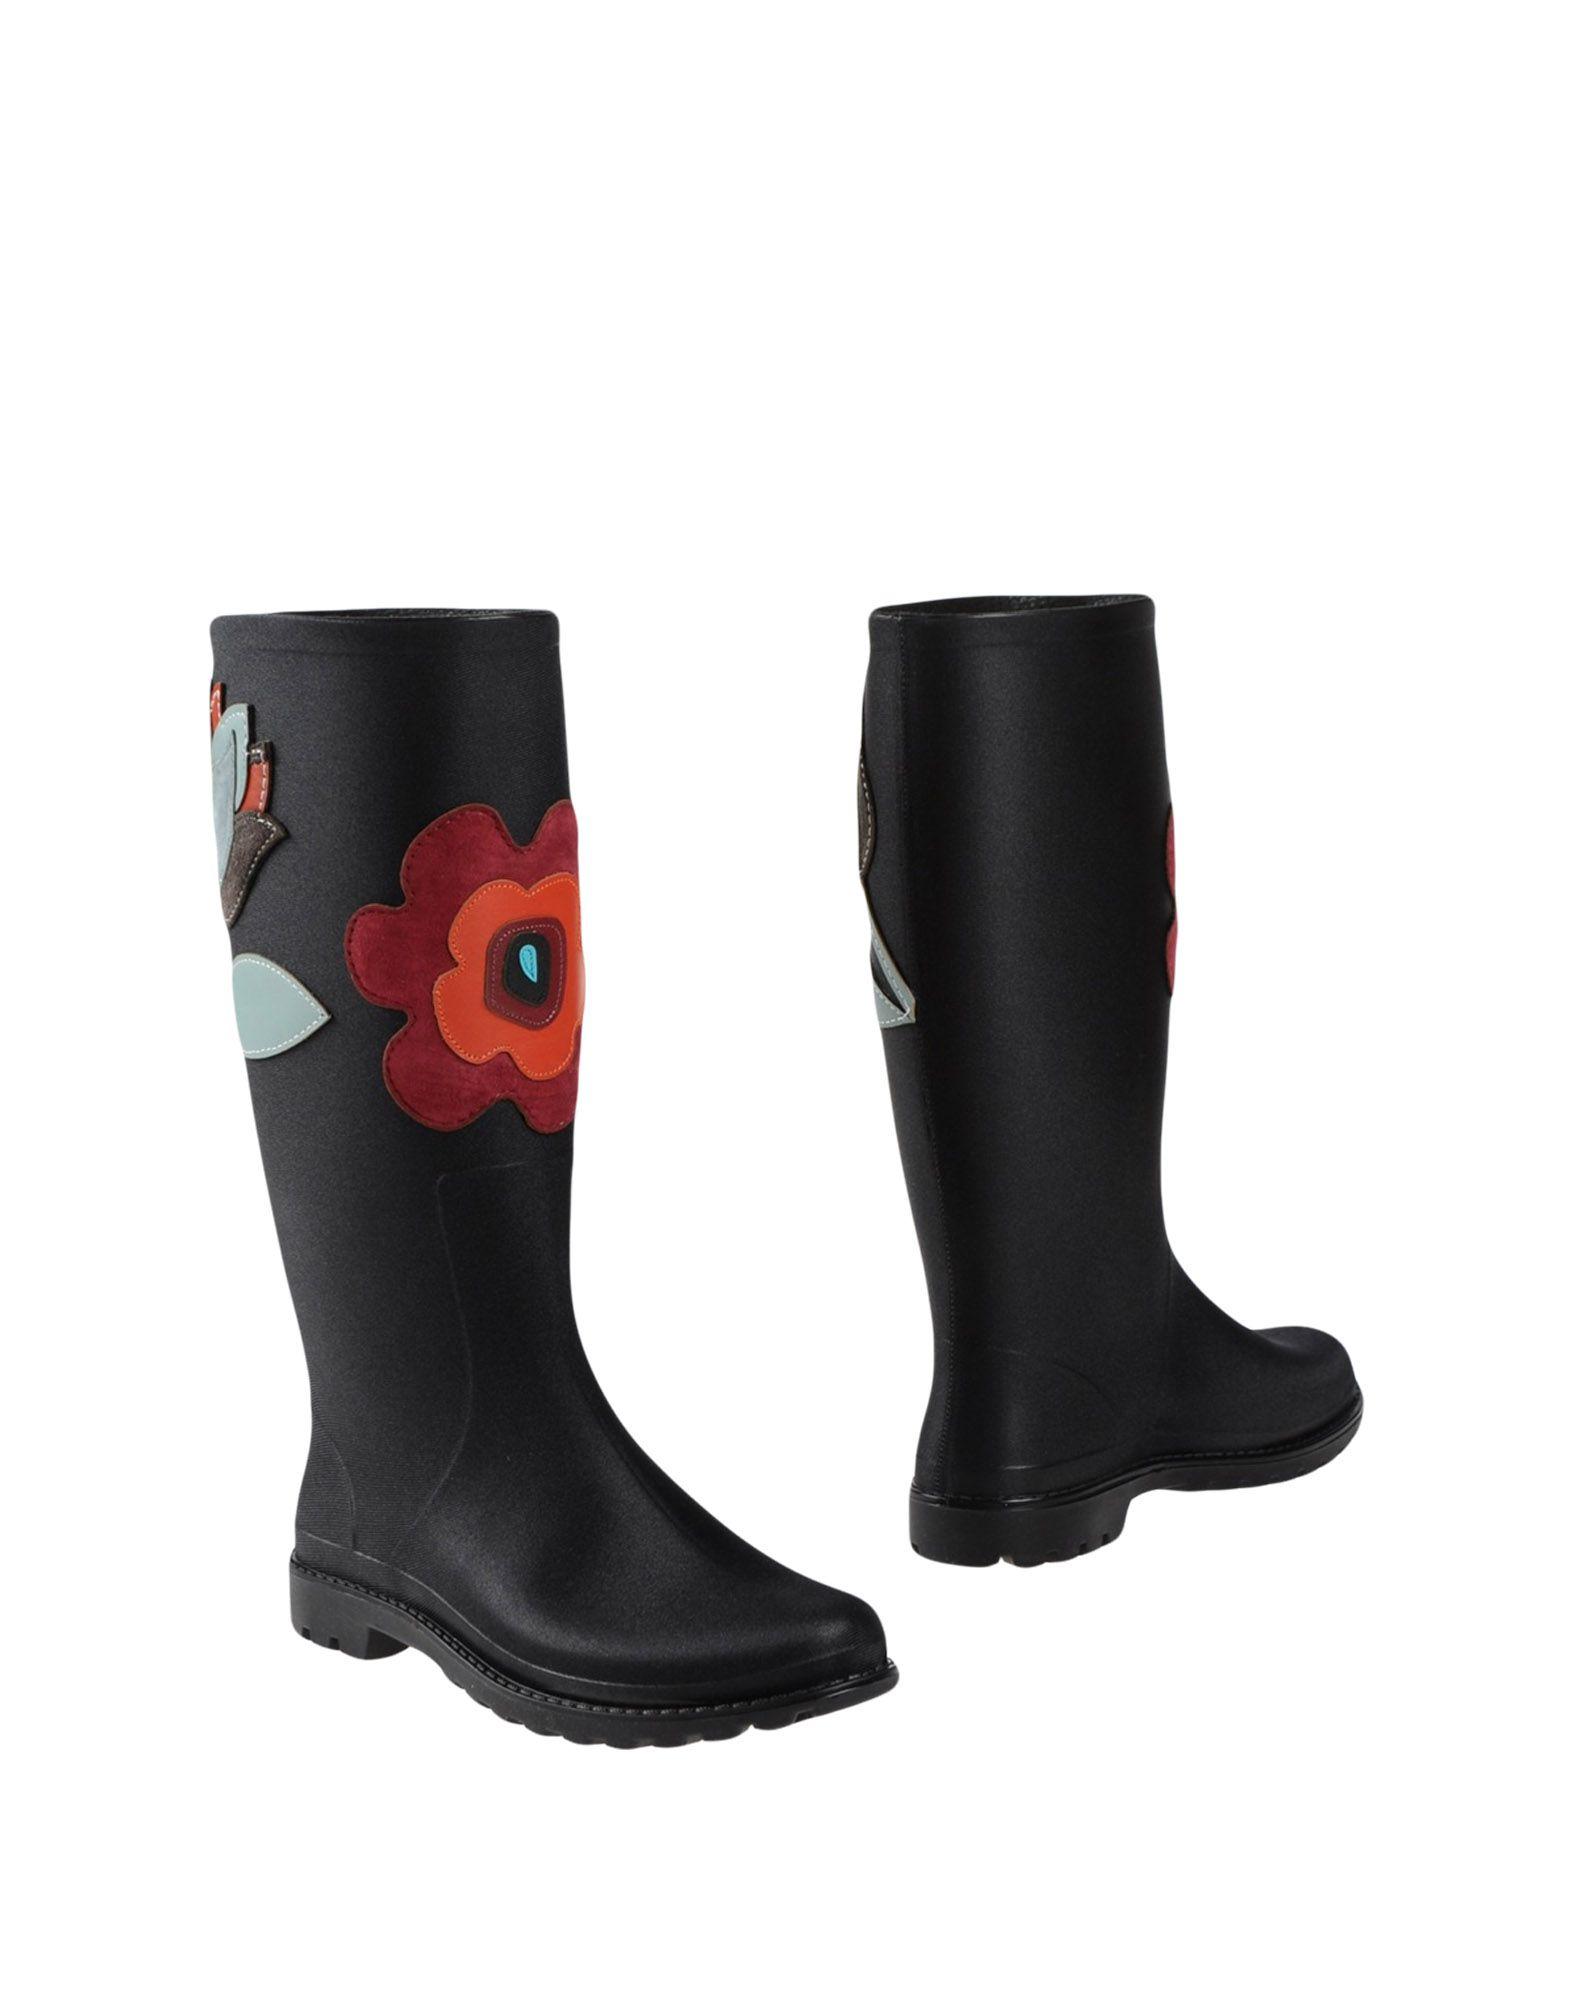 Moda Stivali Red(V) Donna - 11237995DI 11237995DI - c5c87f